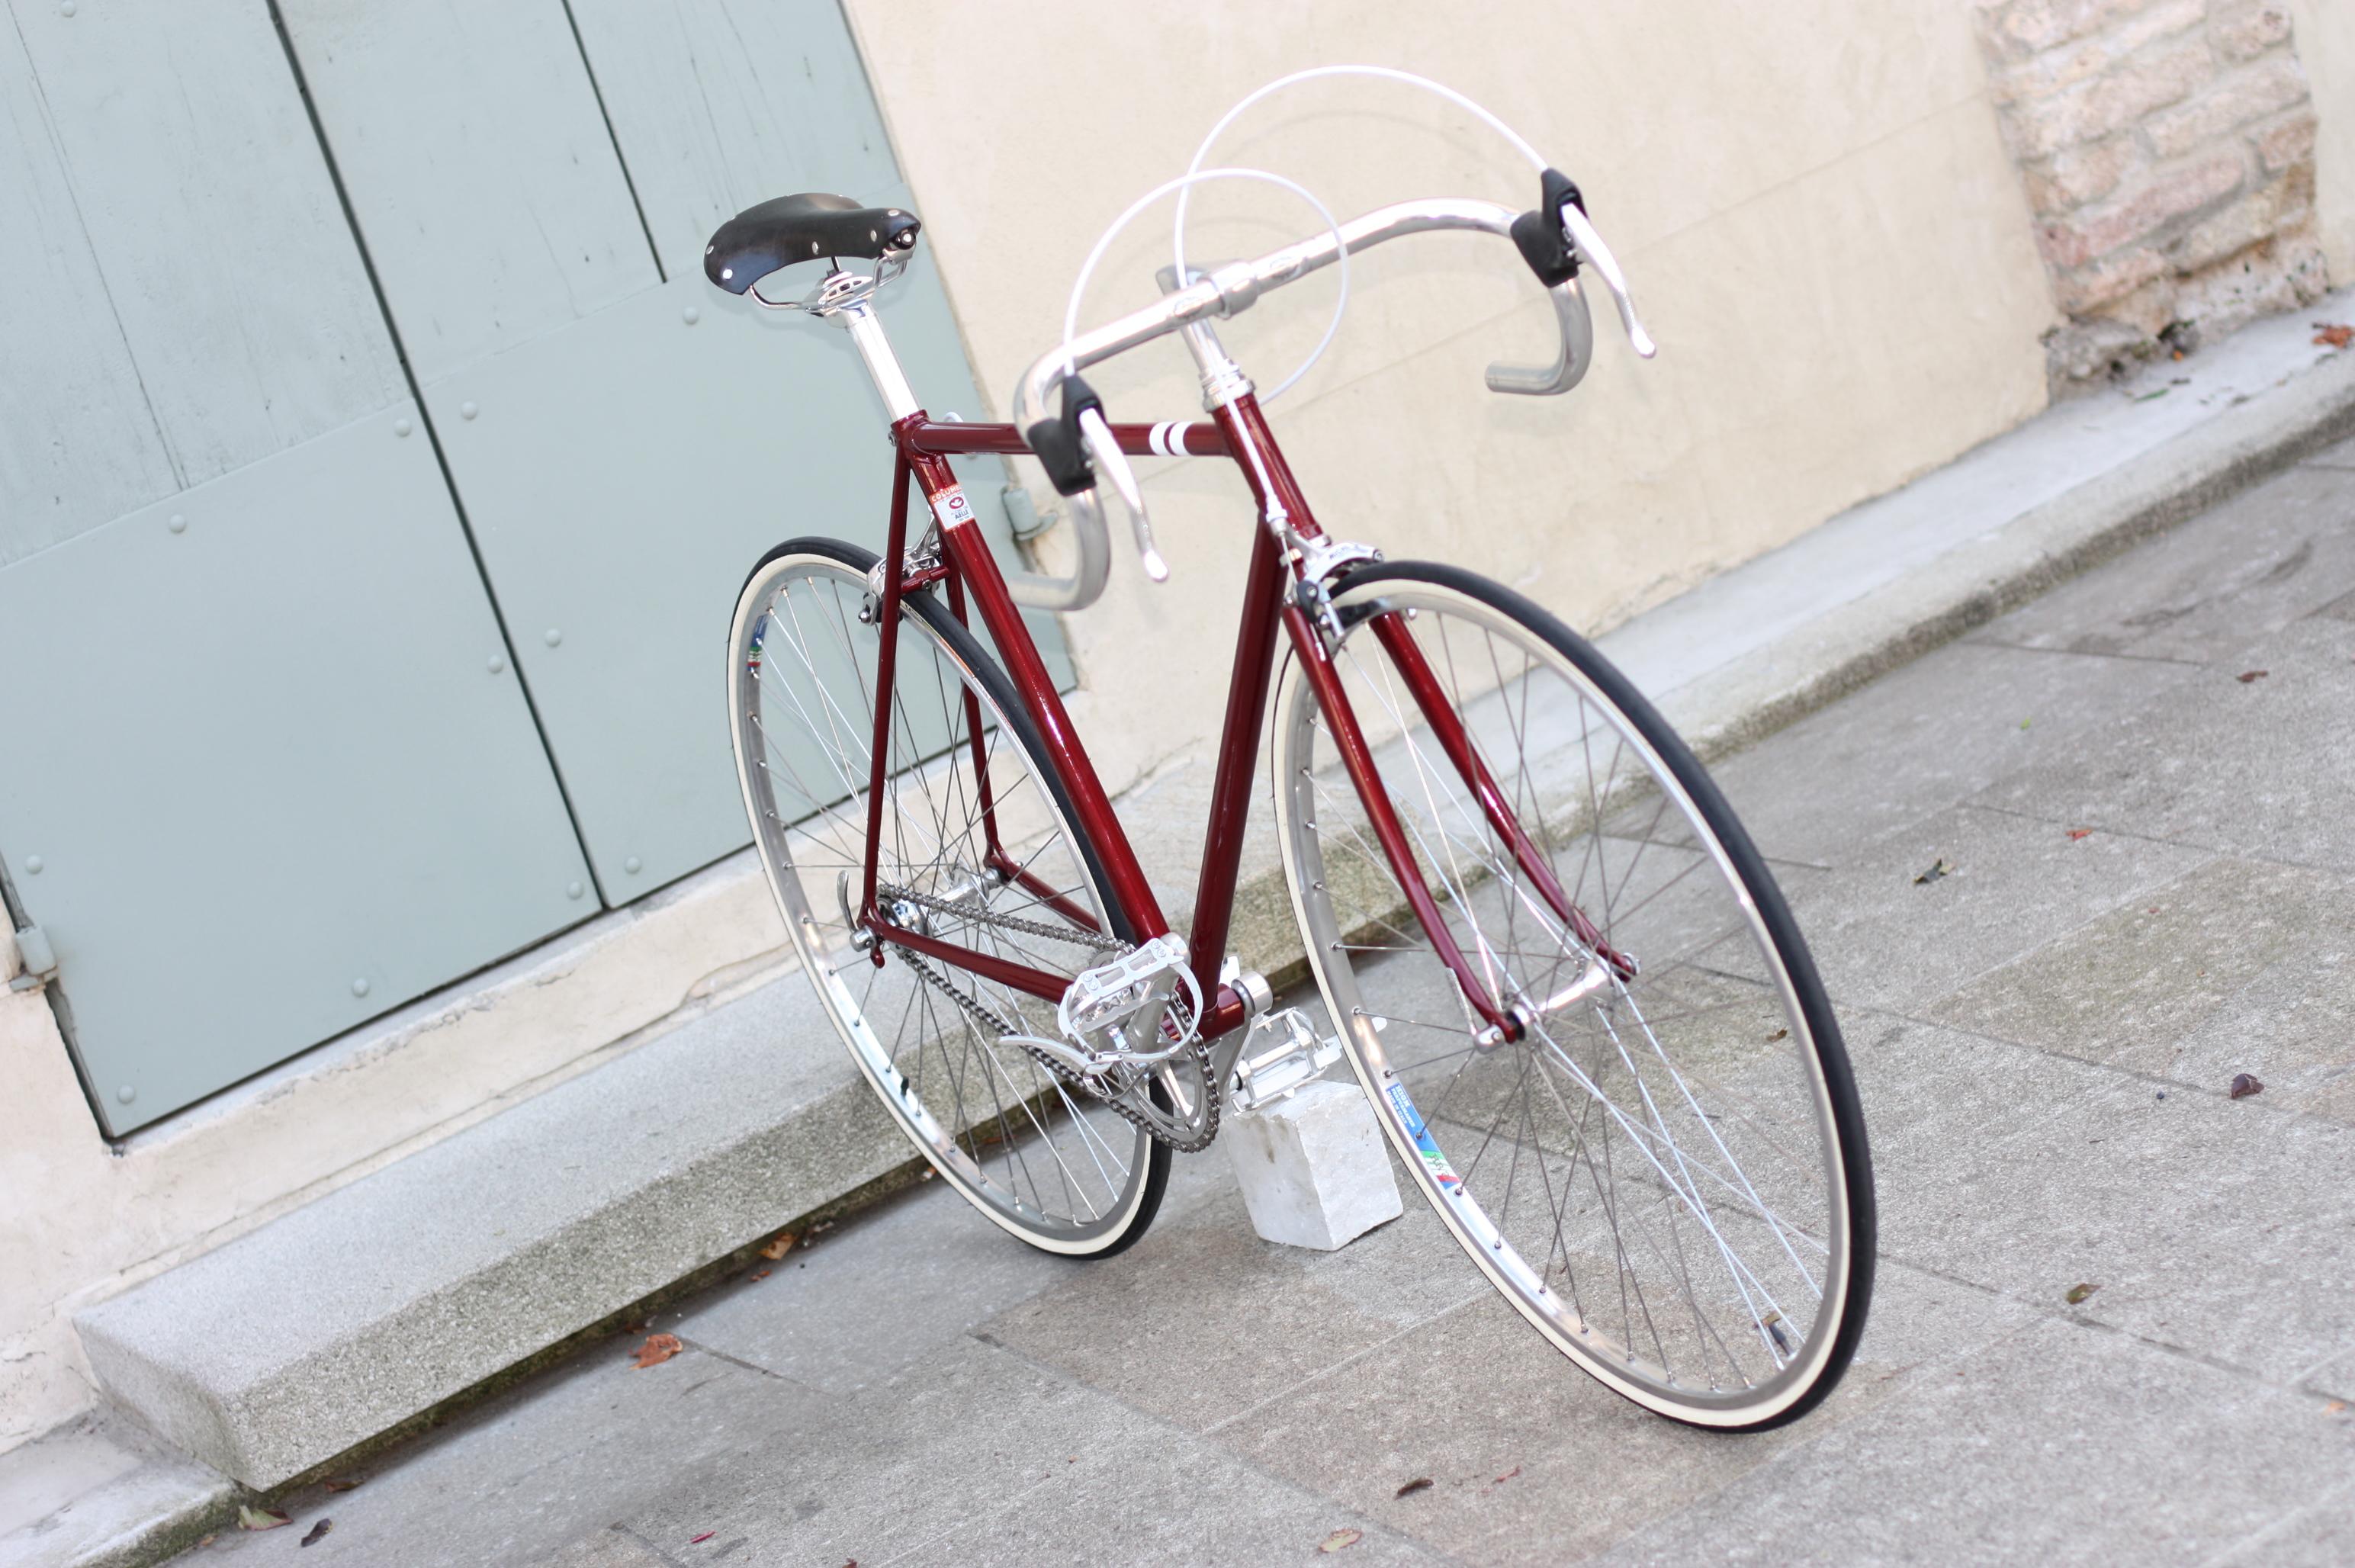 Bici corsa vintage est restyling a singlespeed for Bici supermarket